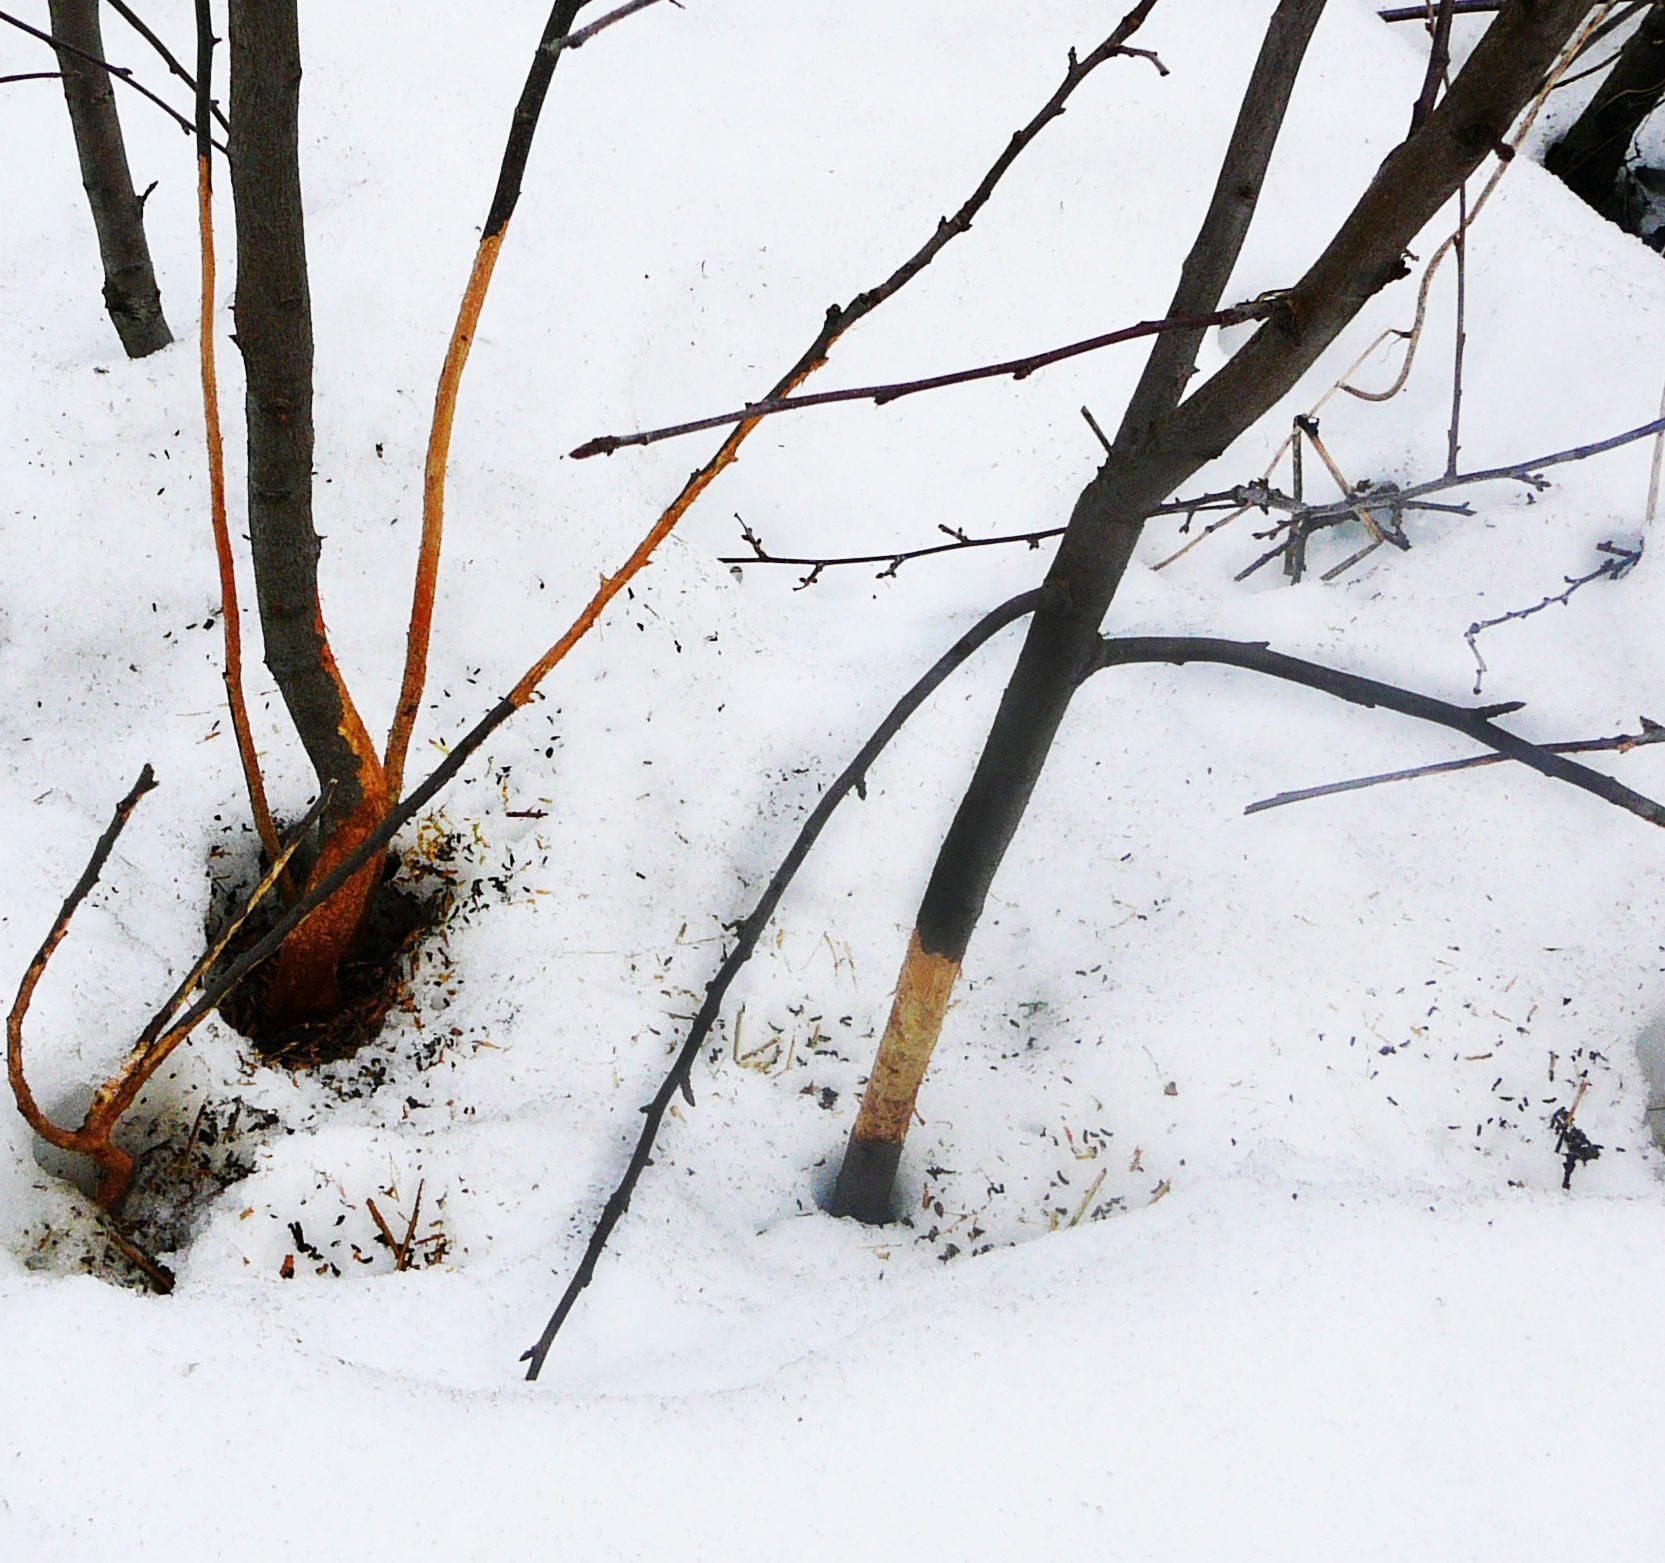 Кору яблони погрызли грызуны: как можно спасти дерево с поврежденной корой, чем обработать ствол